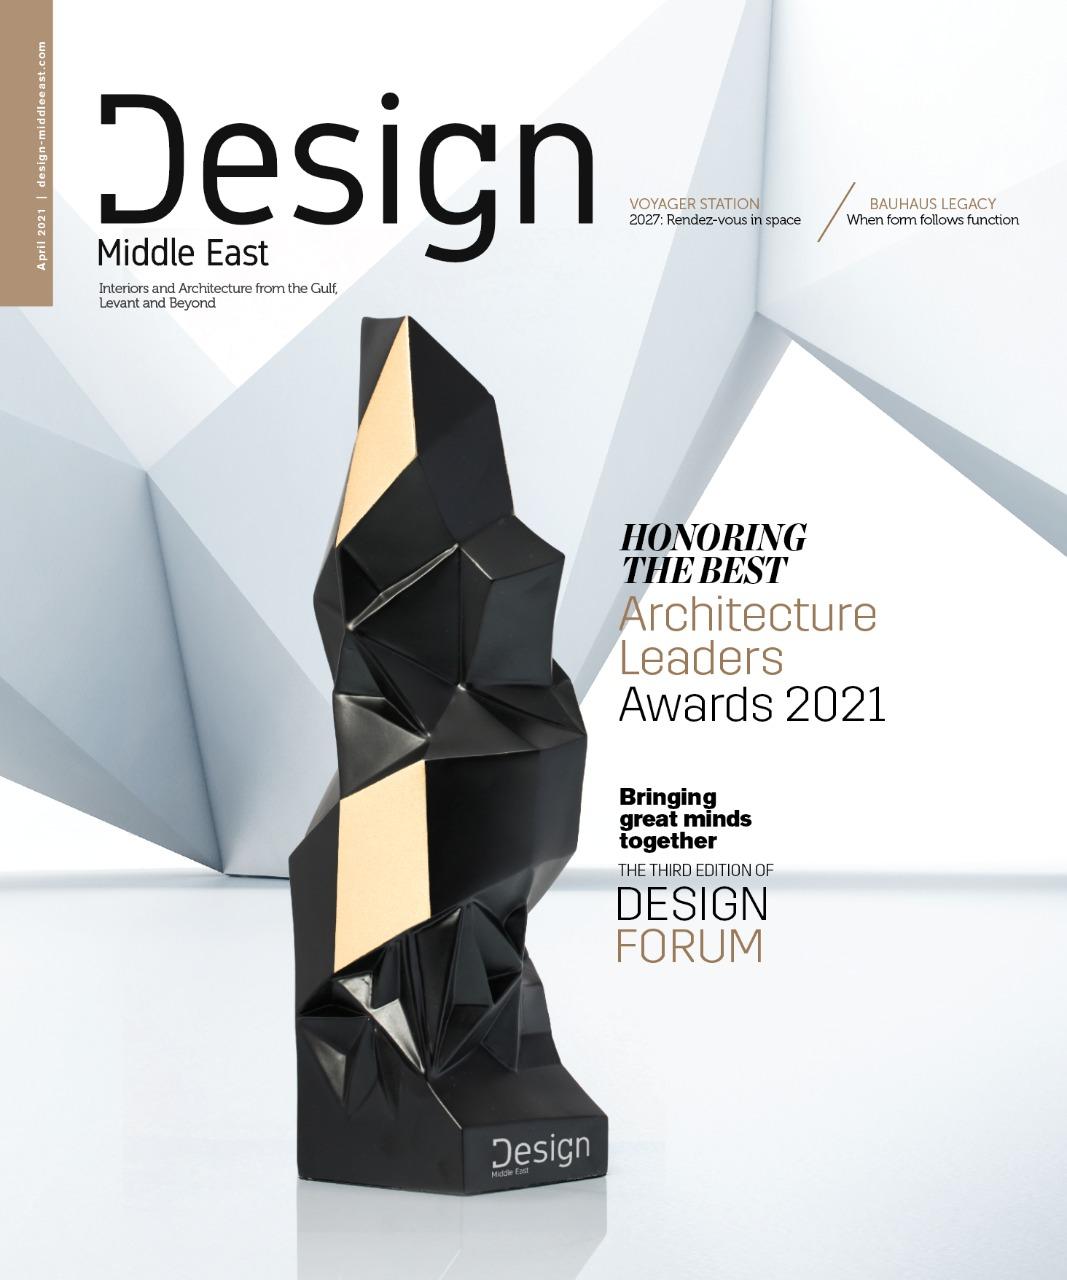 https://www.cbnme.com/magazines/design-me/design-me-april-2021/